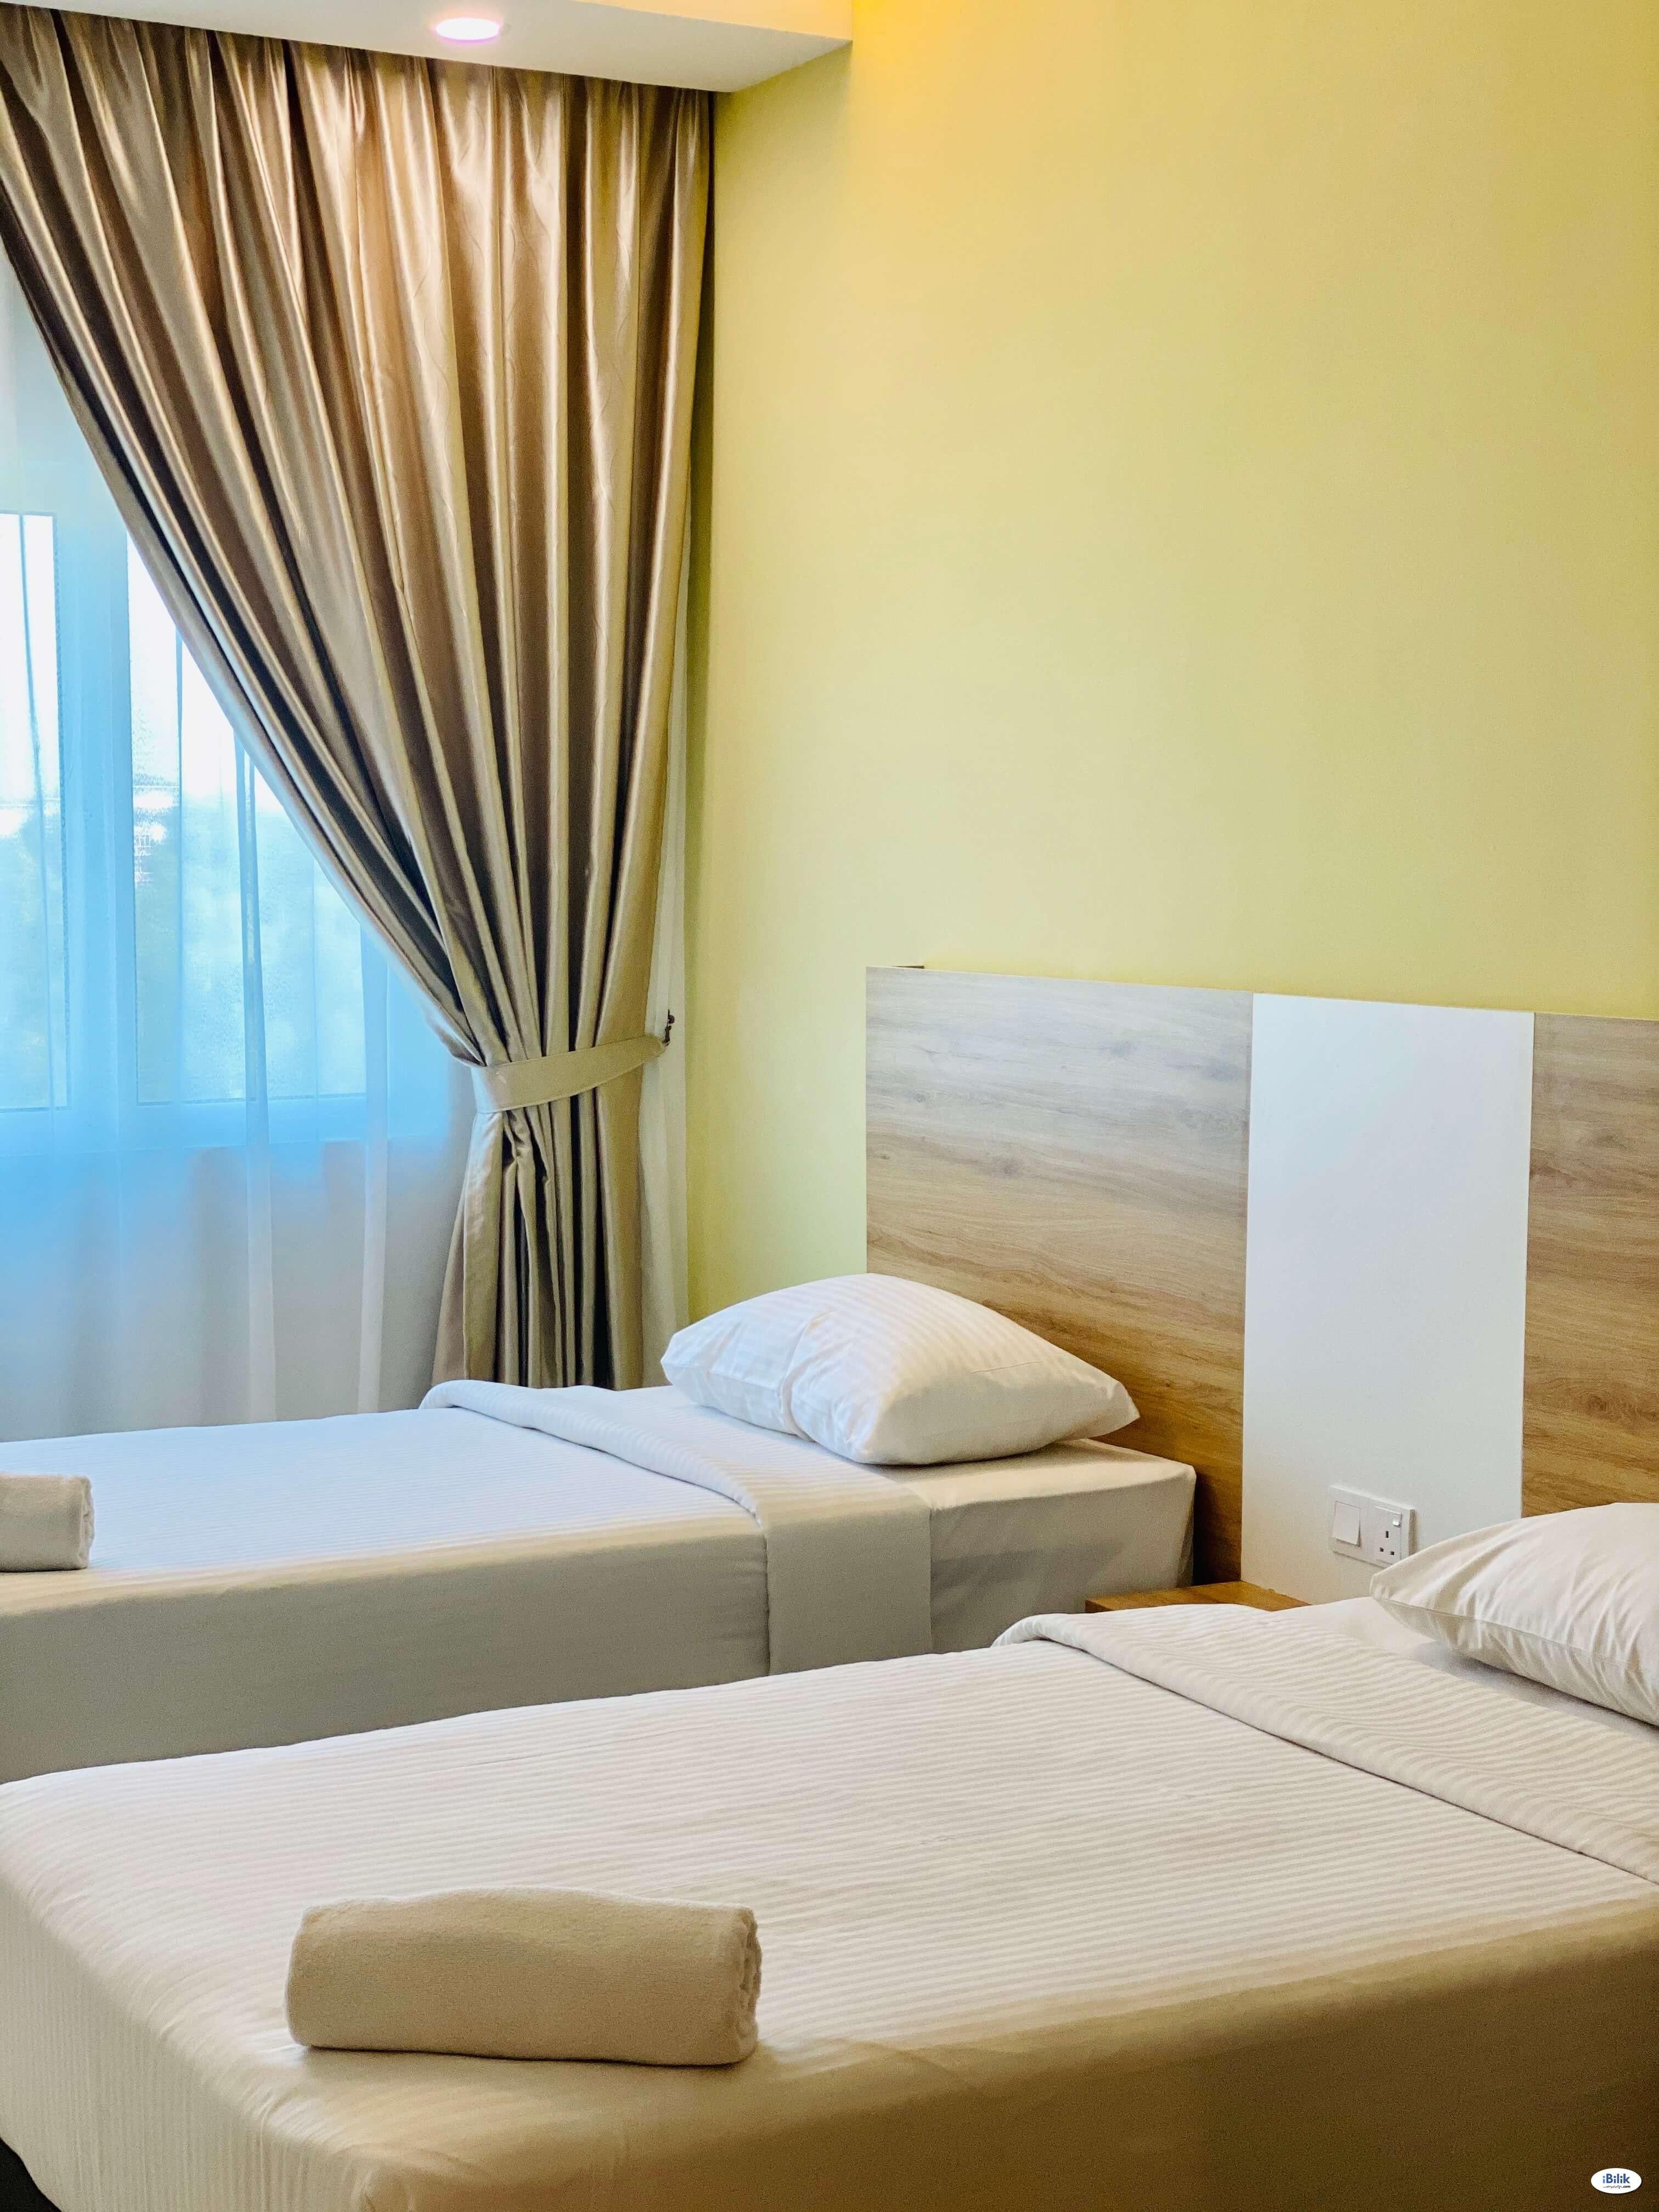 Vacation Apartment at Kuantan, Pahang